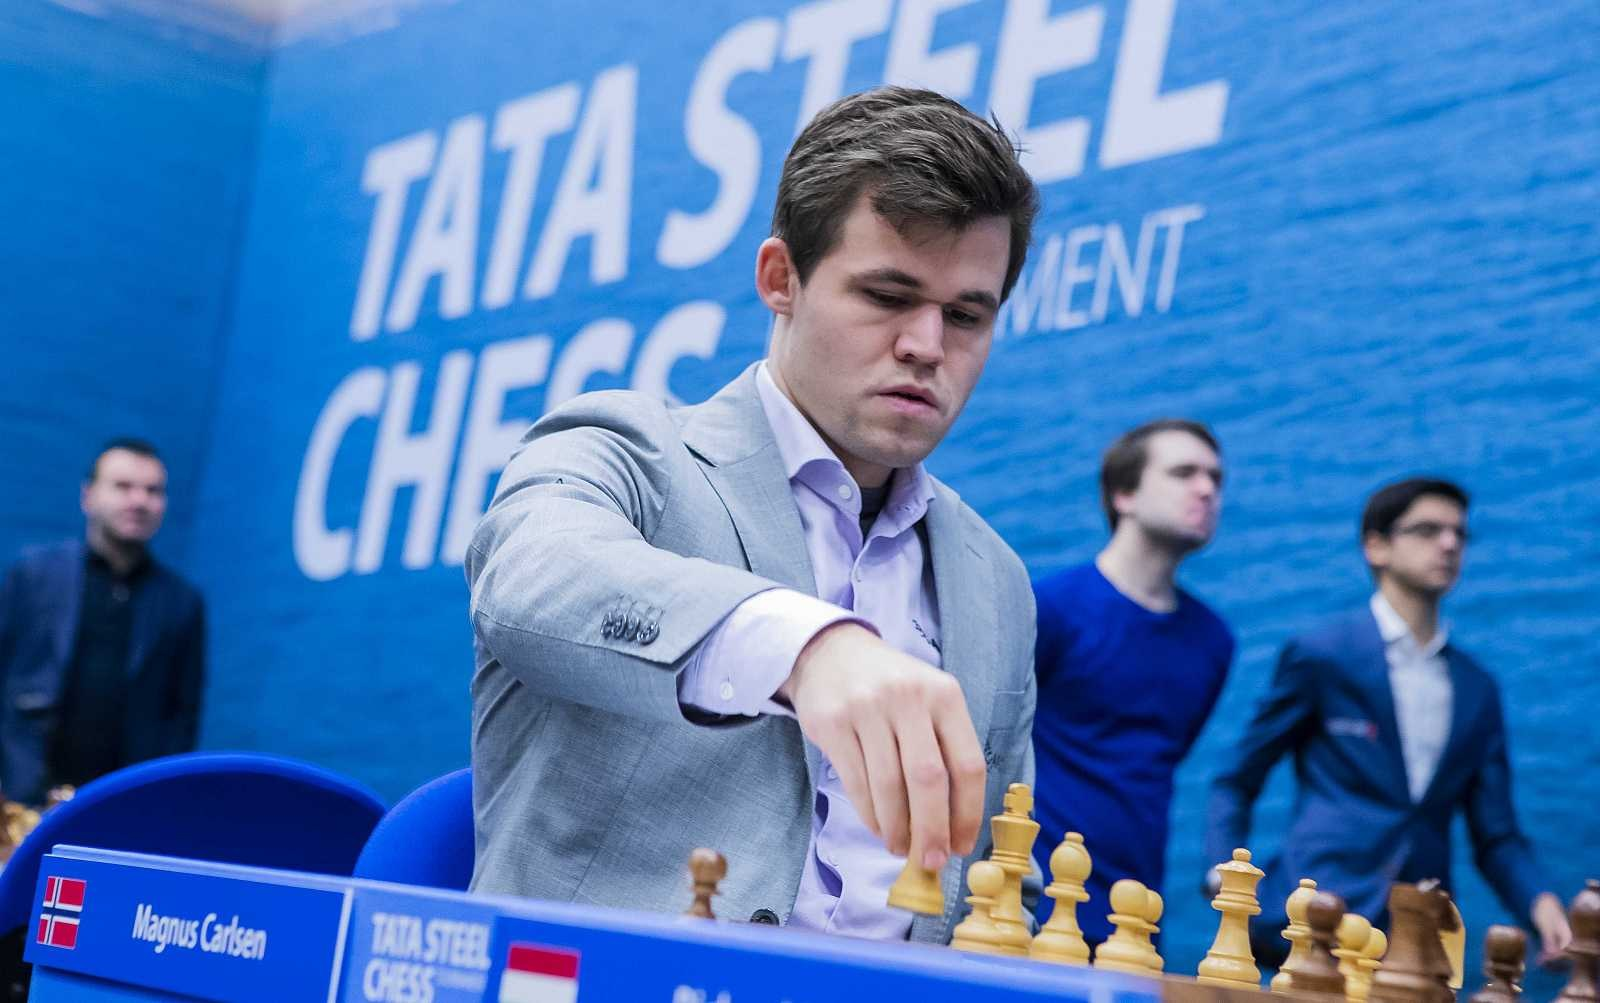 Dos astronautas jugarán una partida de ajedrez contra un gran maestro ruso